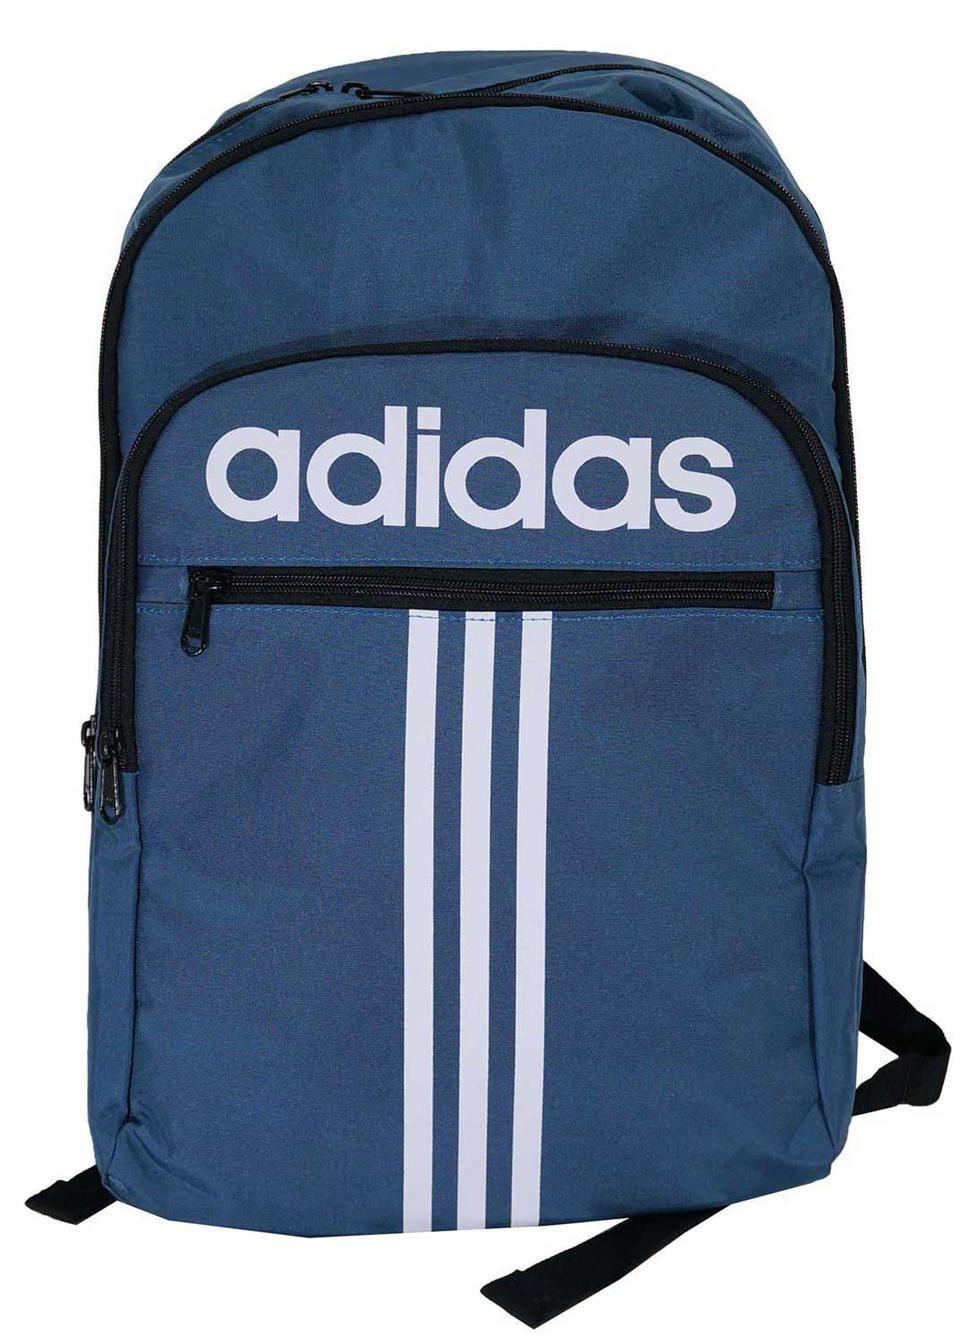 ศูนย์รวมกระเป๋าเป้ notebook กระเป๋าเป้นักนักเรียน กระเป๋าเป้เดินทาง backpack กว่า 1000 แบบ รูปที่ 4